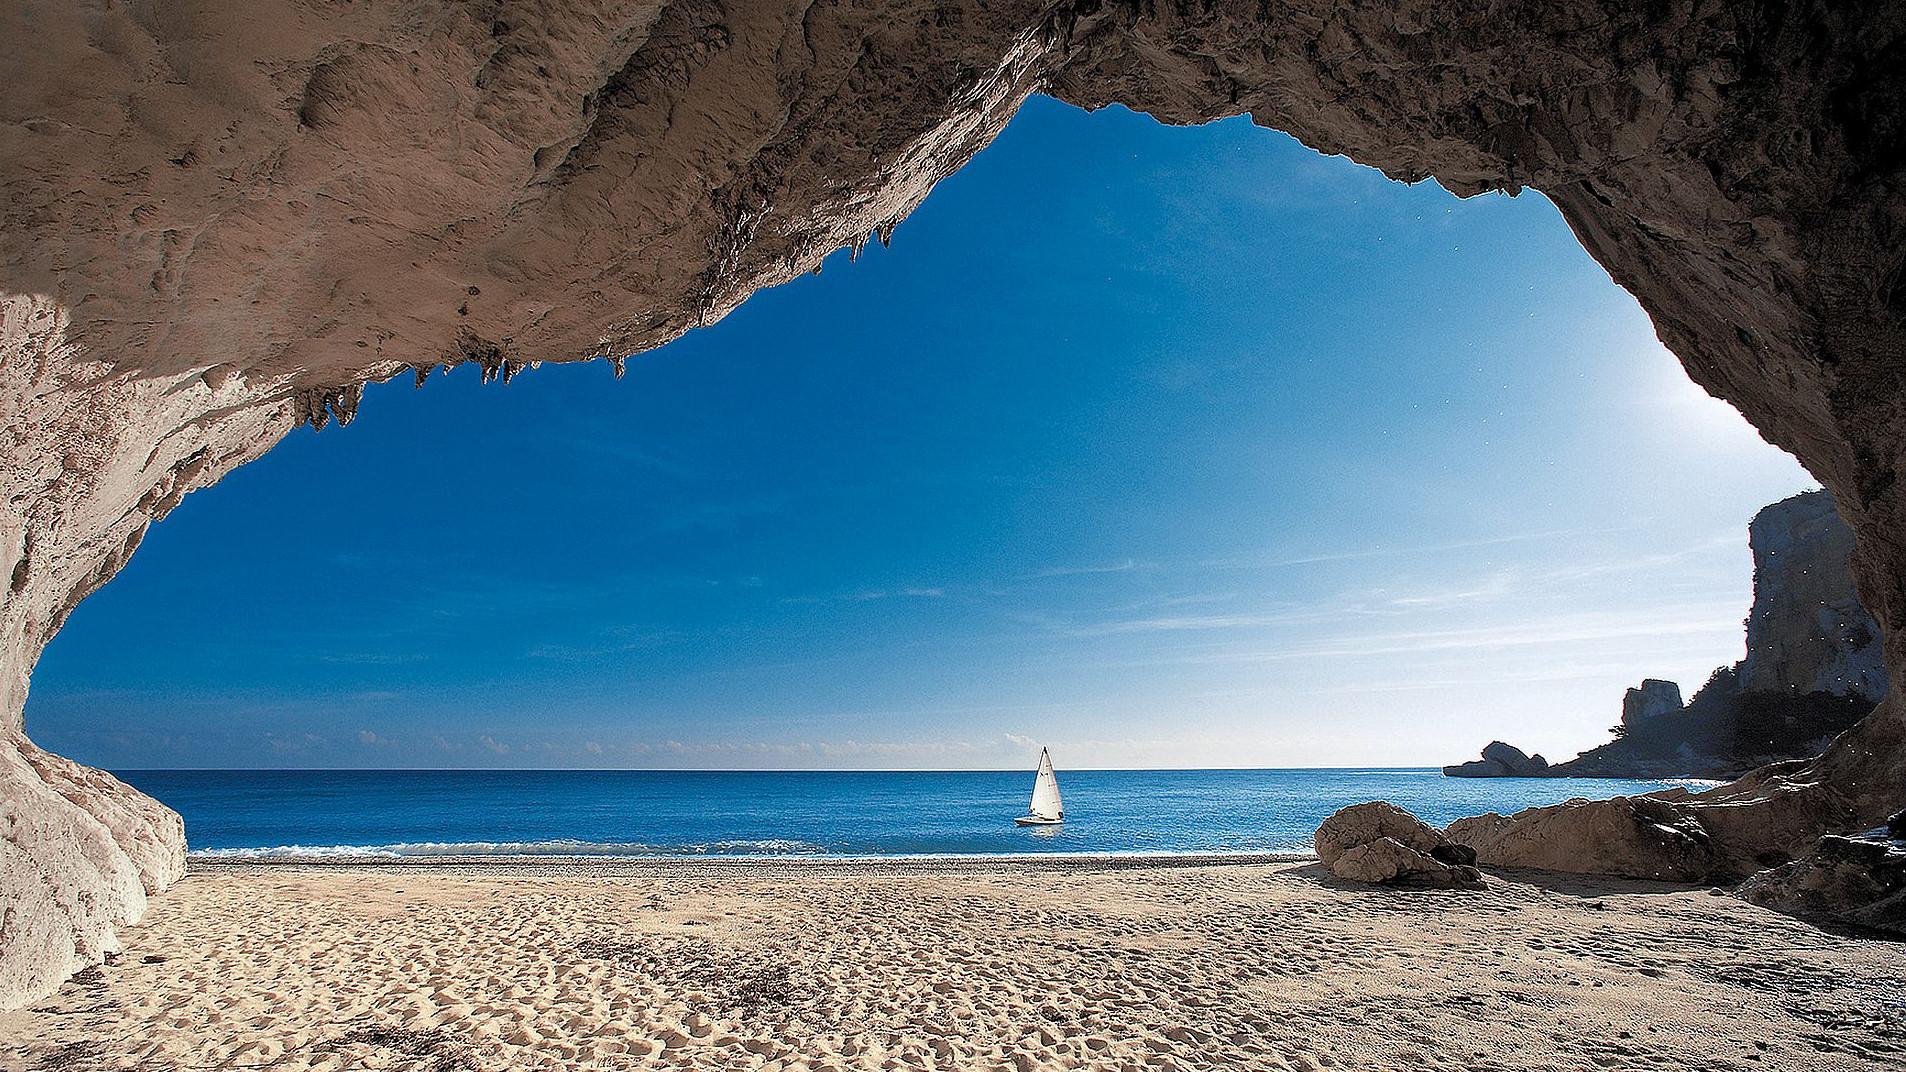 Best beaches in Italy_Cala Luna (Golfo di Orosei), Nuoro - Sardegna